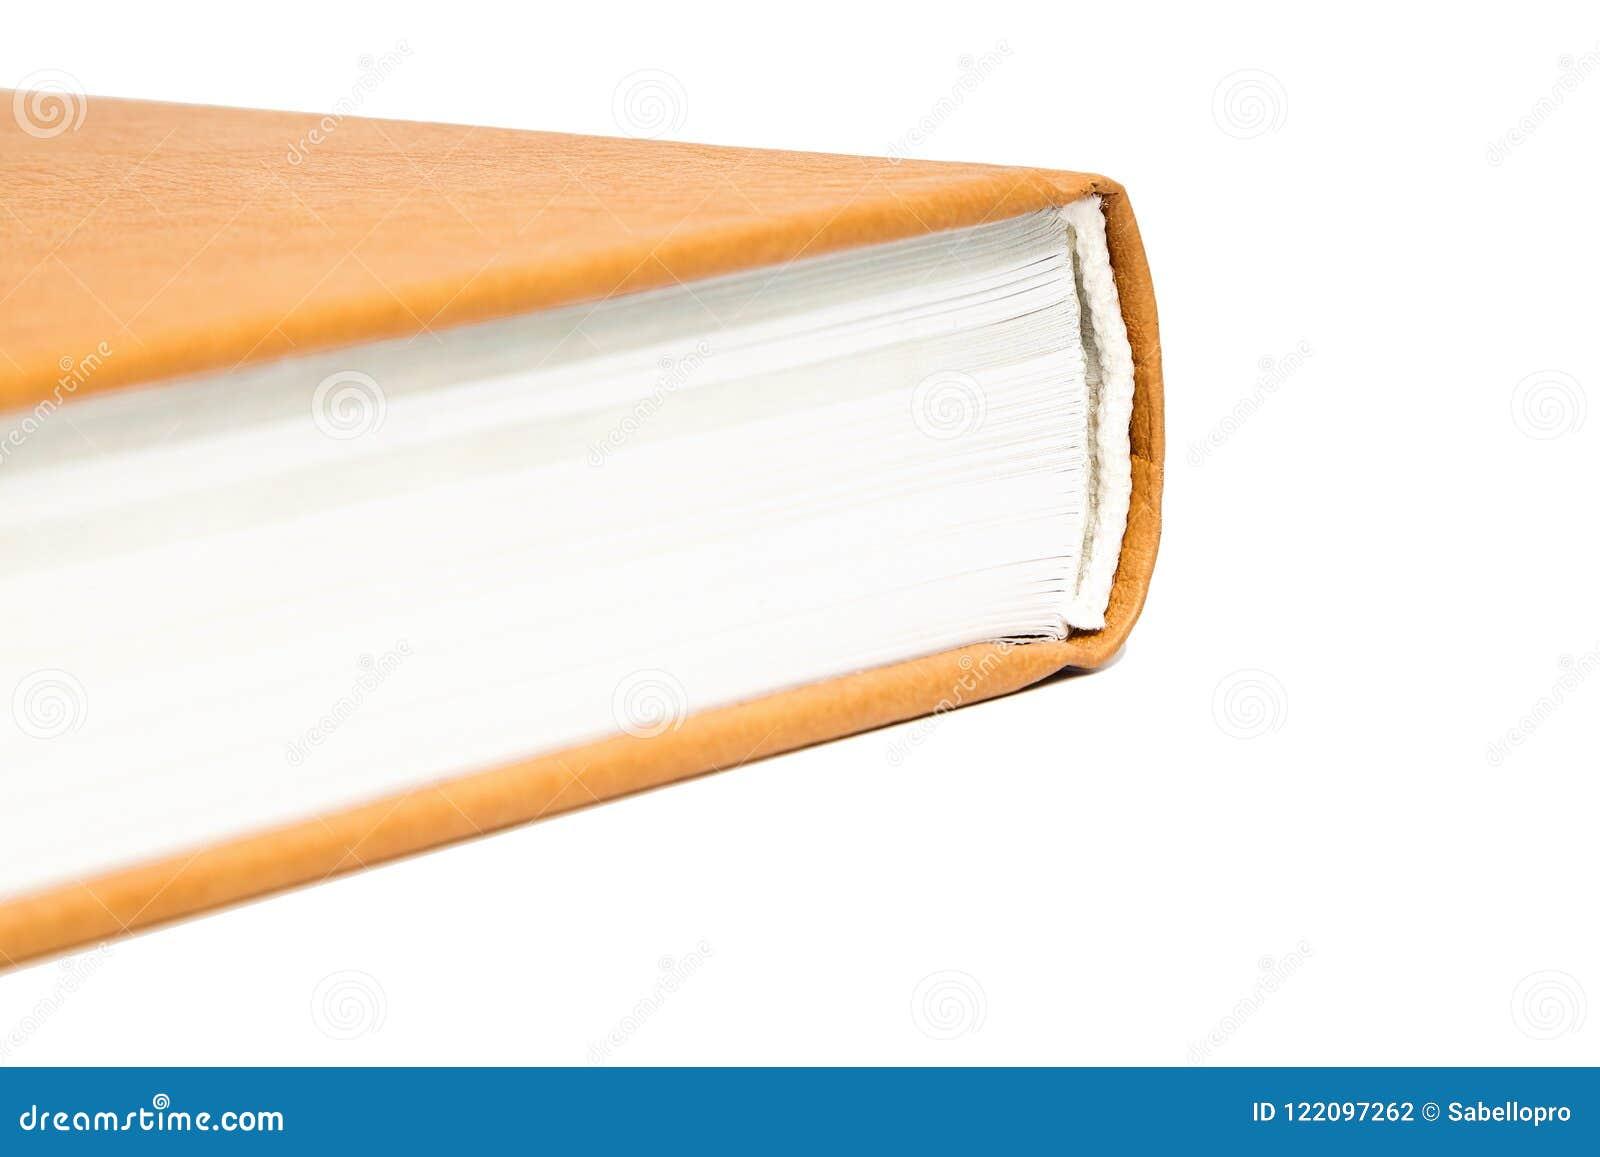 Le livre est dans une couverture en cuir dure brune lumineuse